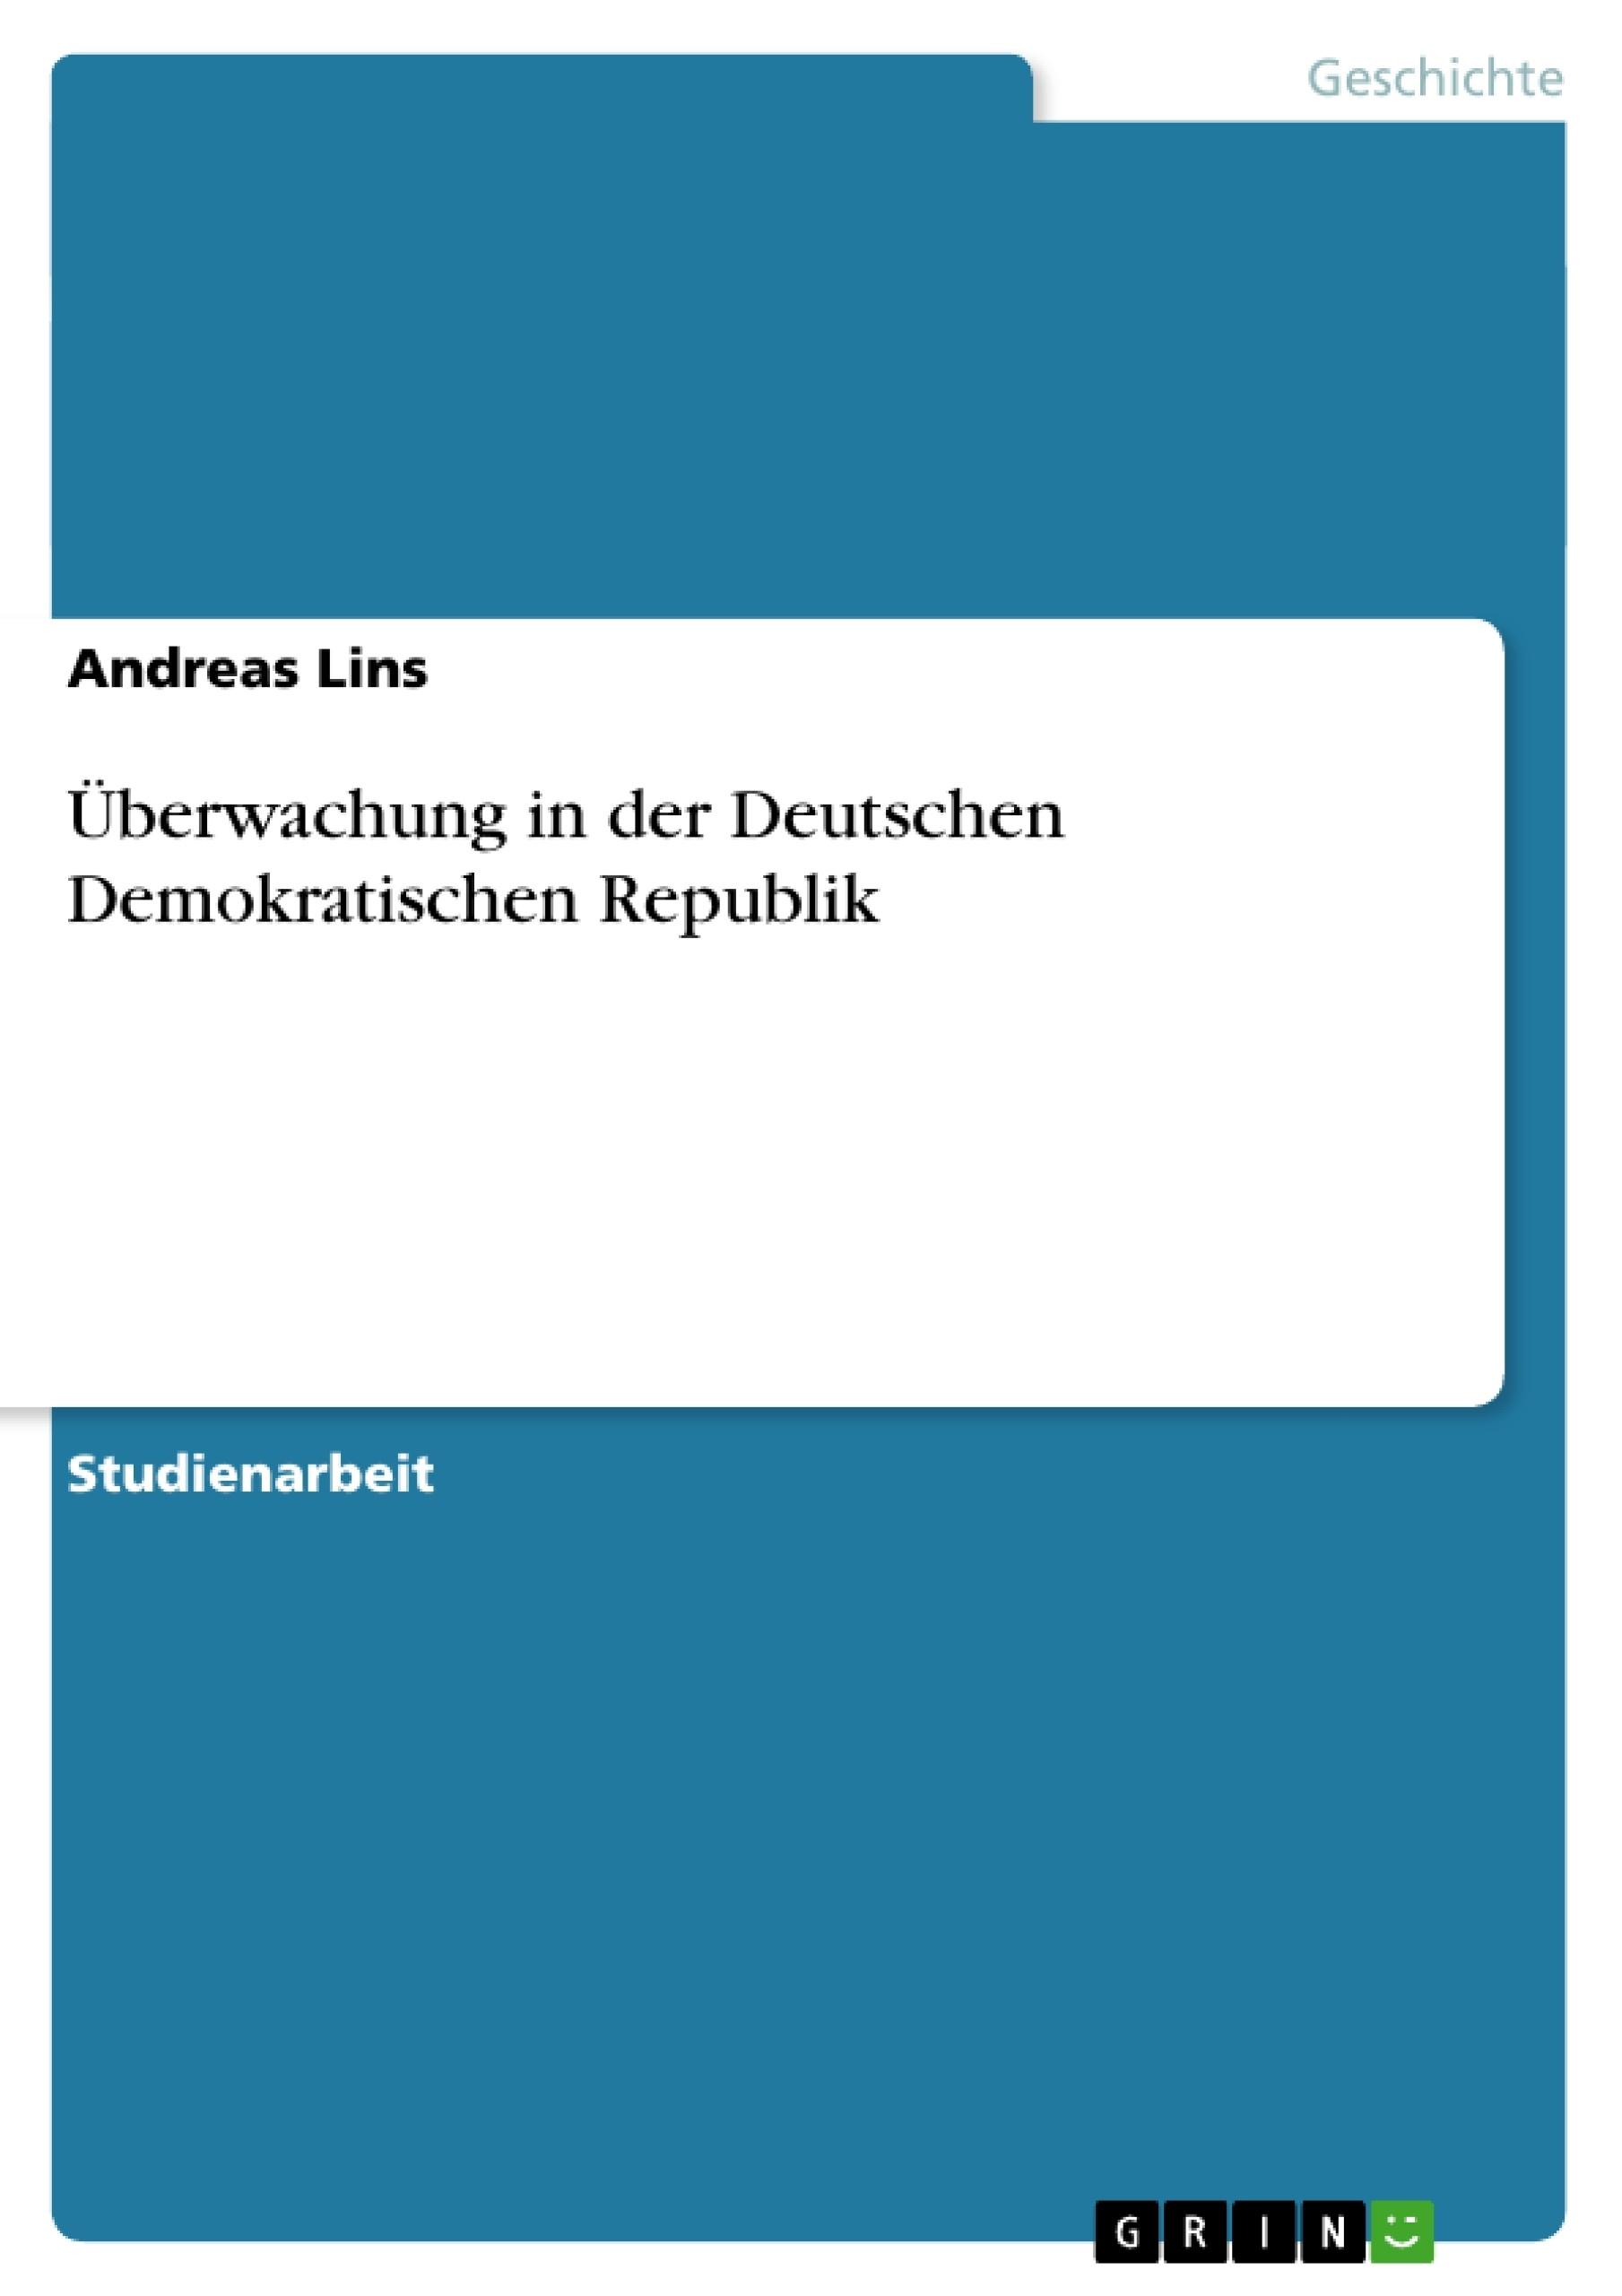 Titel: Überwachung in der Deutschen Demokratischen Republik